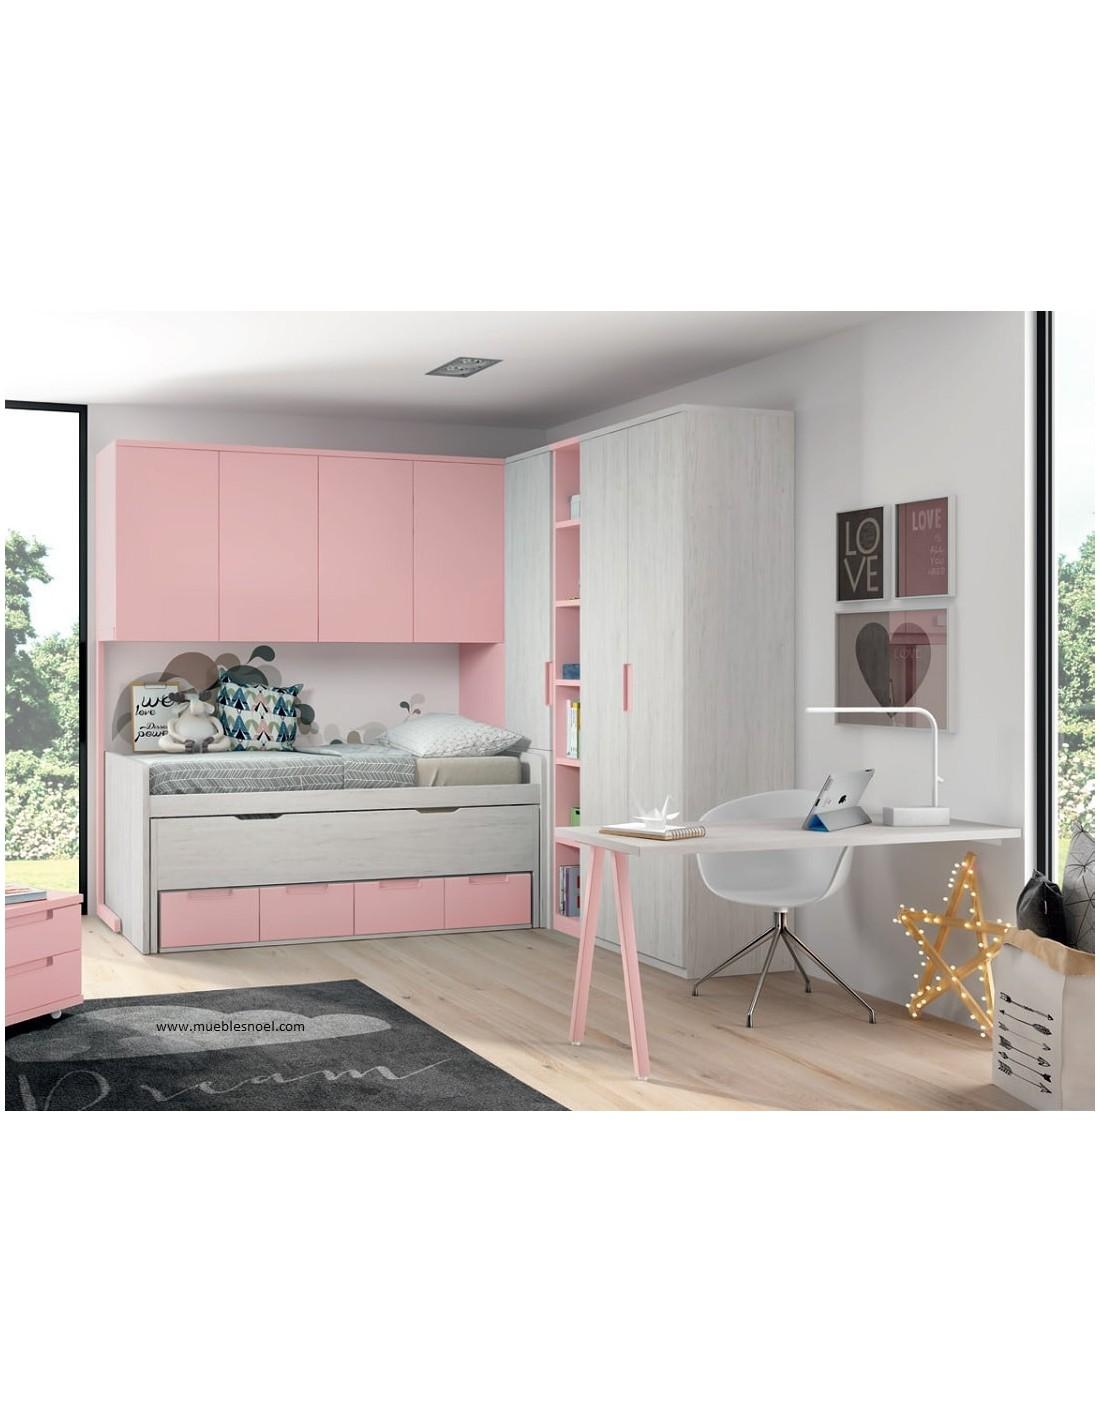 Comprar habitaci n puente tienda online muebles noel for Muebles zapateros juveniles